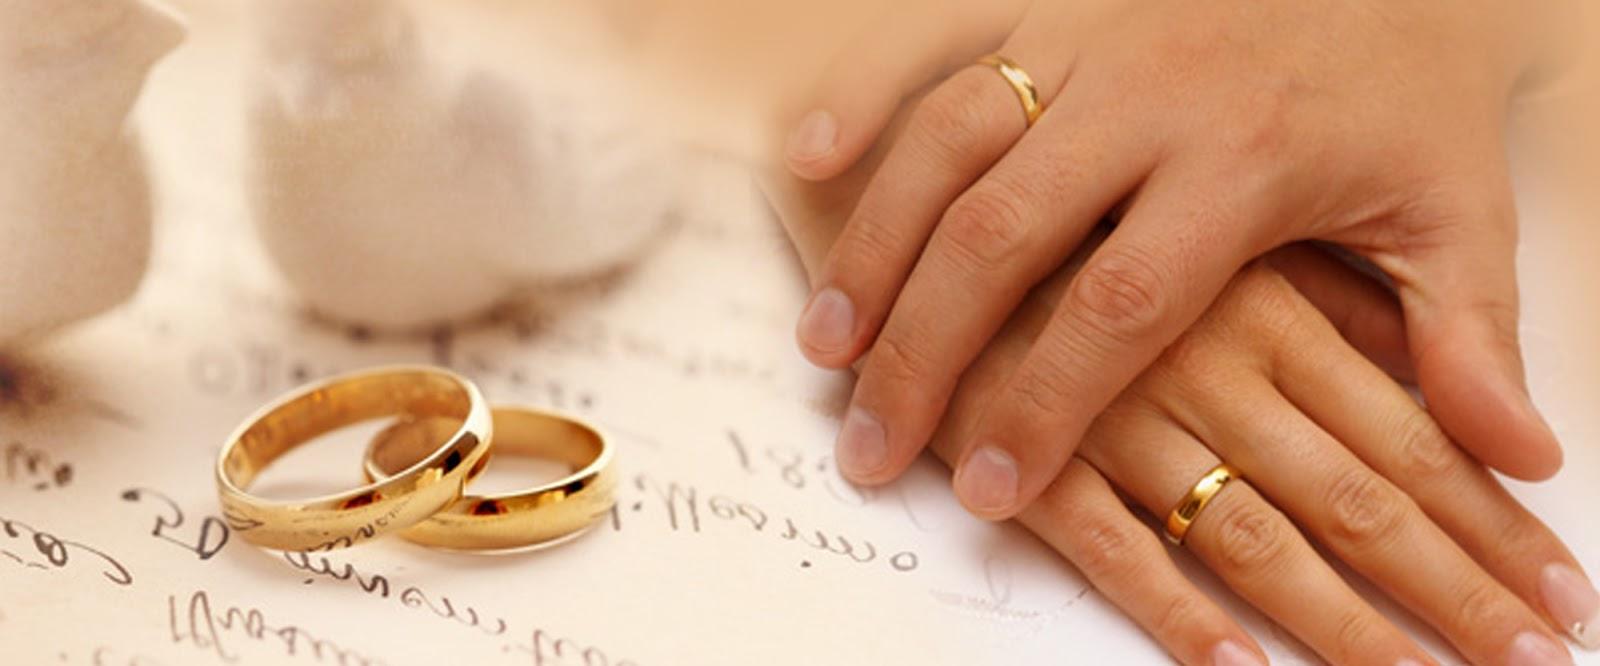 Dez Segredos Para Um Casamento Bem-Sucedido